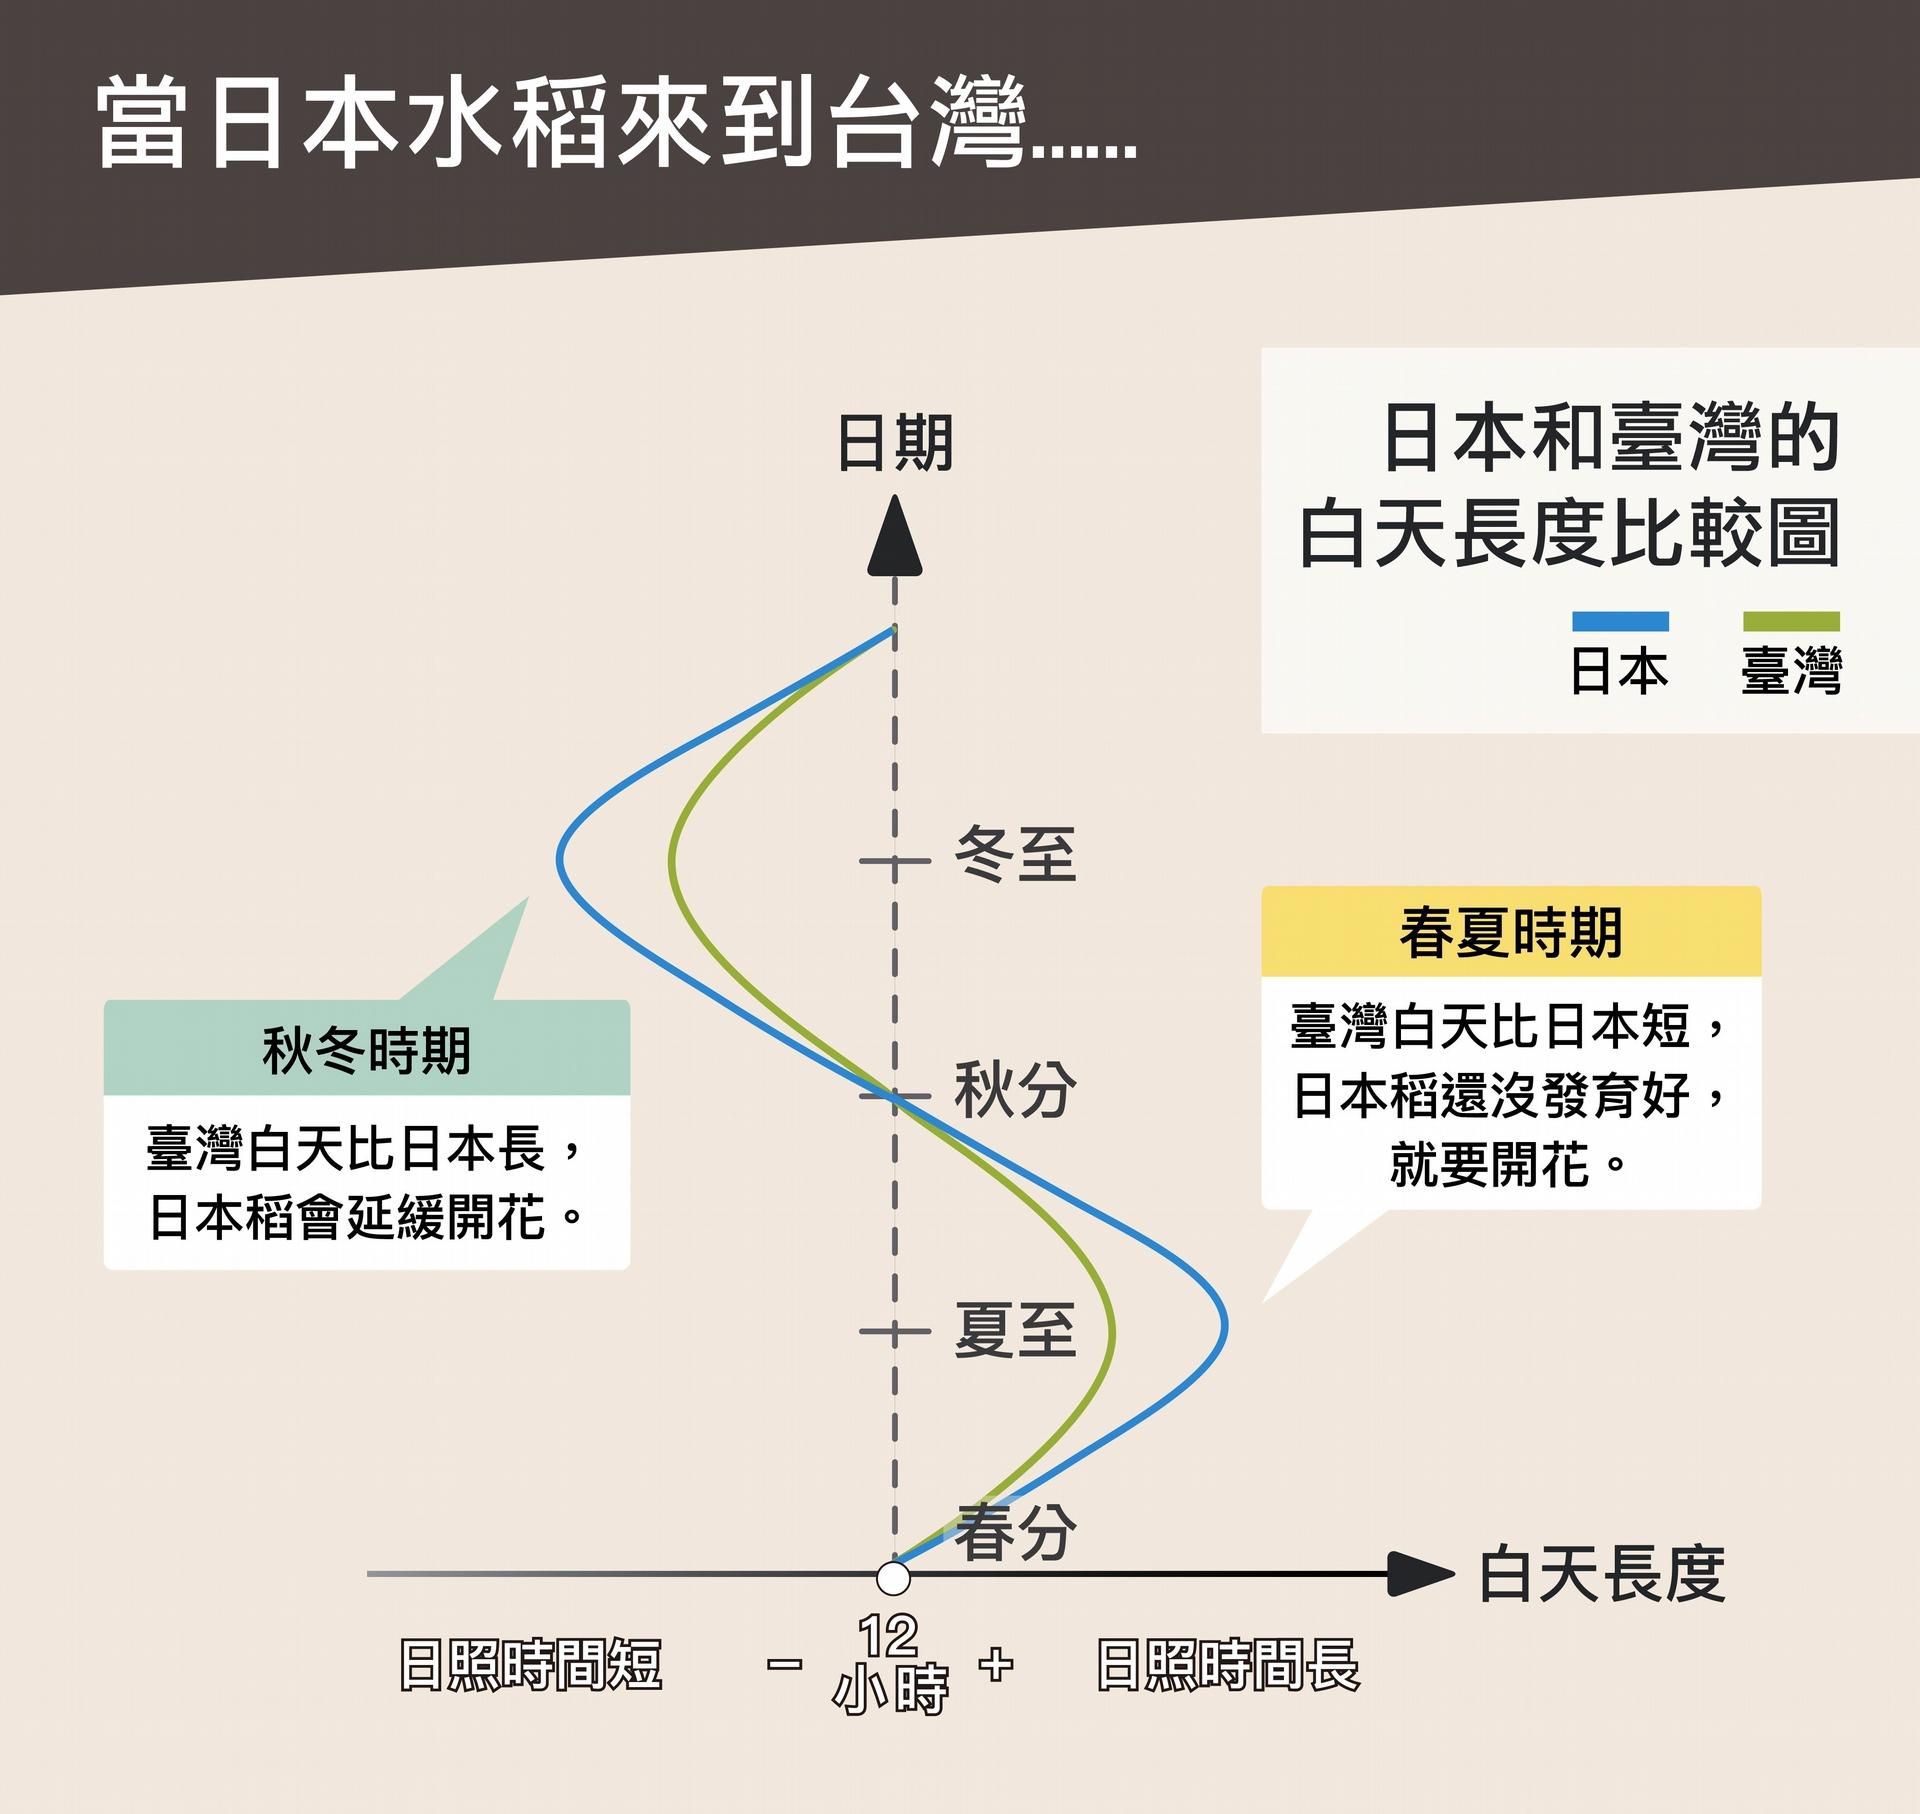 日本來的水稻在緯度較低的臺灣種植,春、夏稻子尚未發育完全就提早抽穗,秋、冬又會延遲抽穗,一年只有一穫,品質也不好。 <br>圖說設計│黃曉君、林洵安